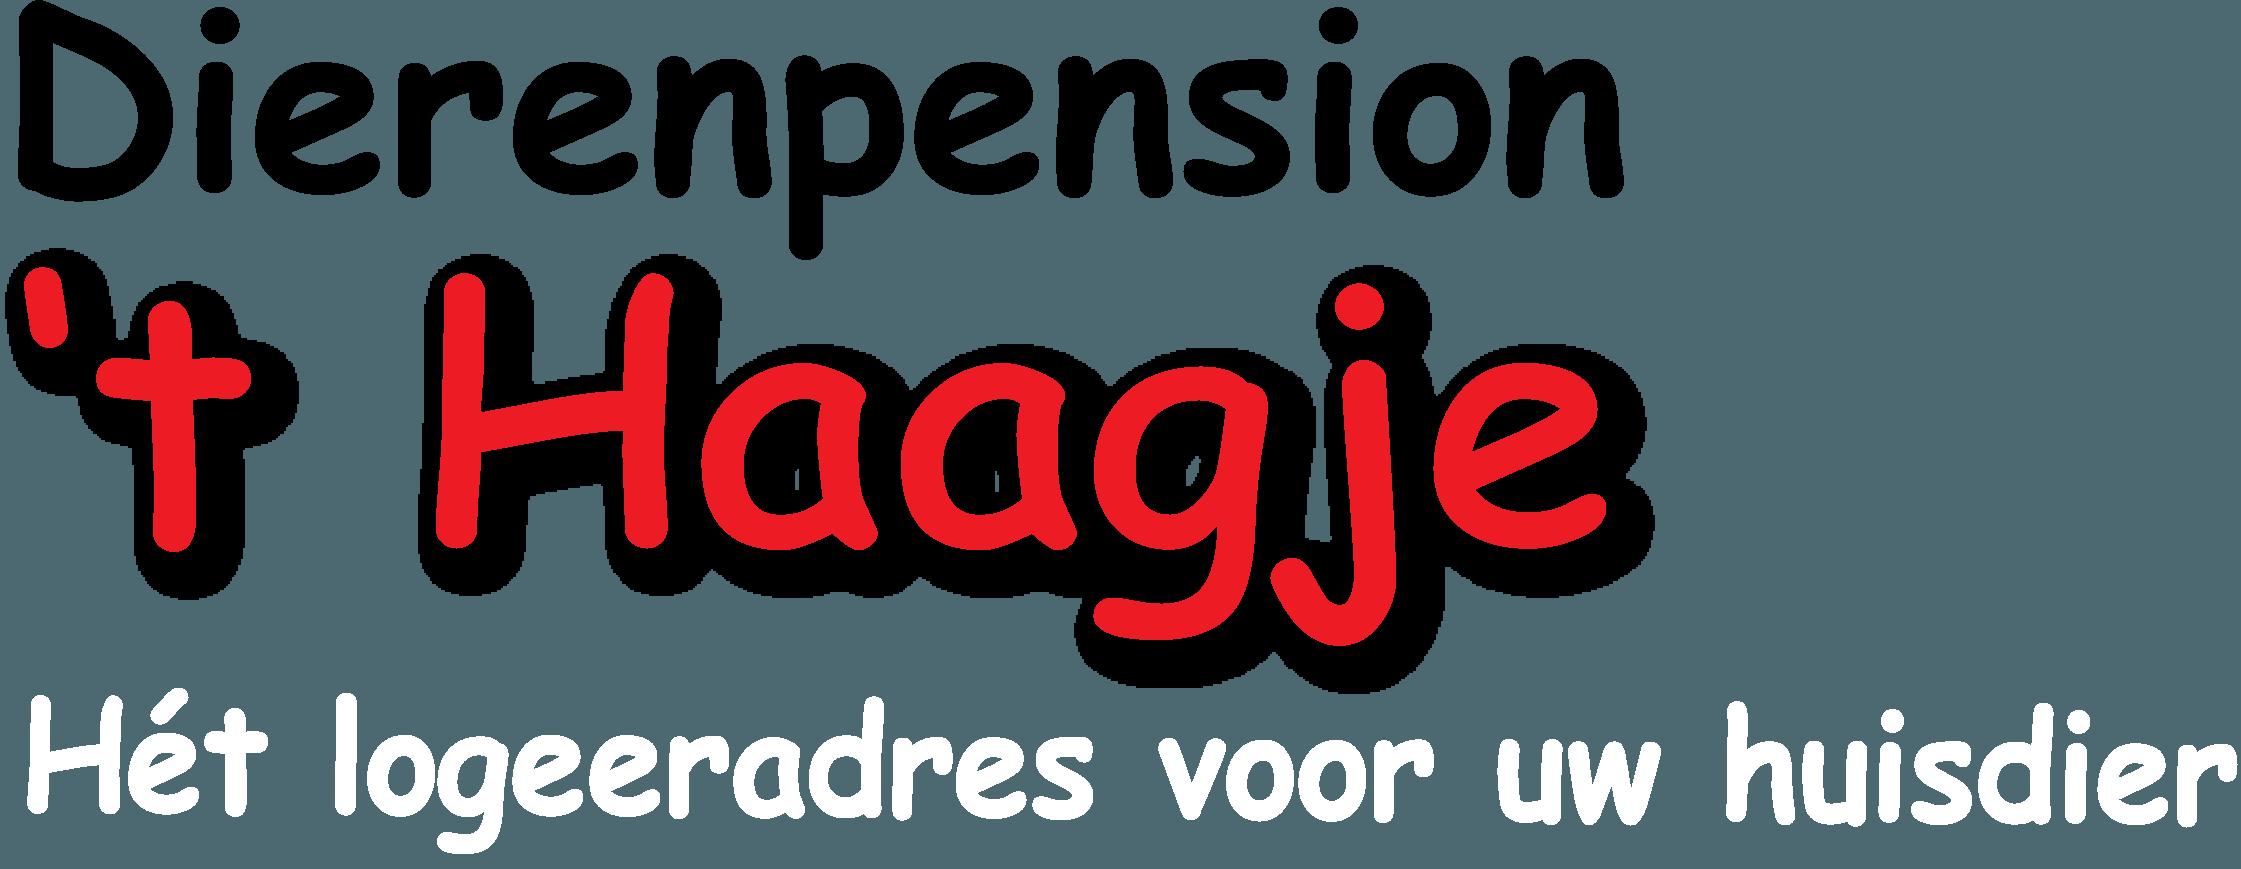 Dierenpension t Haagje